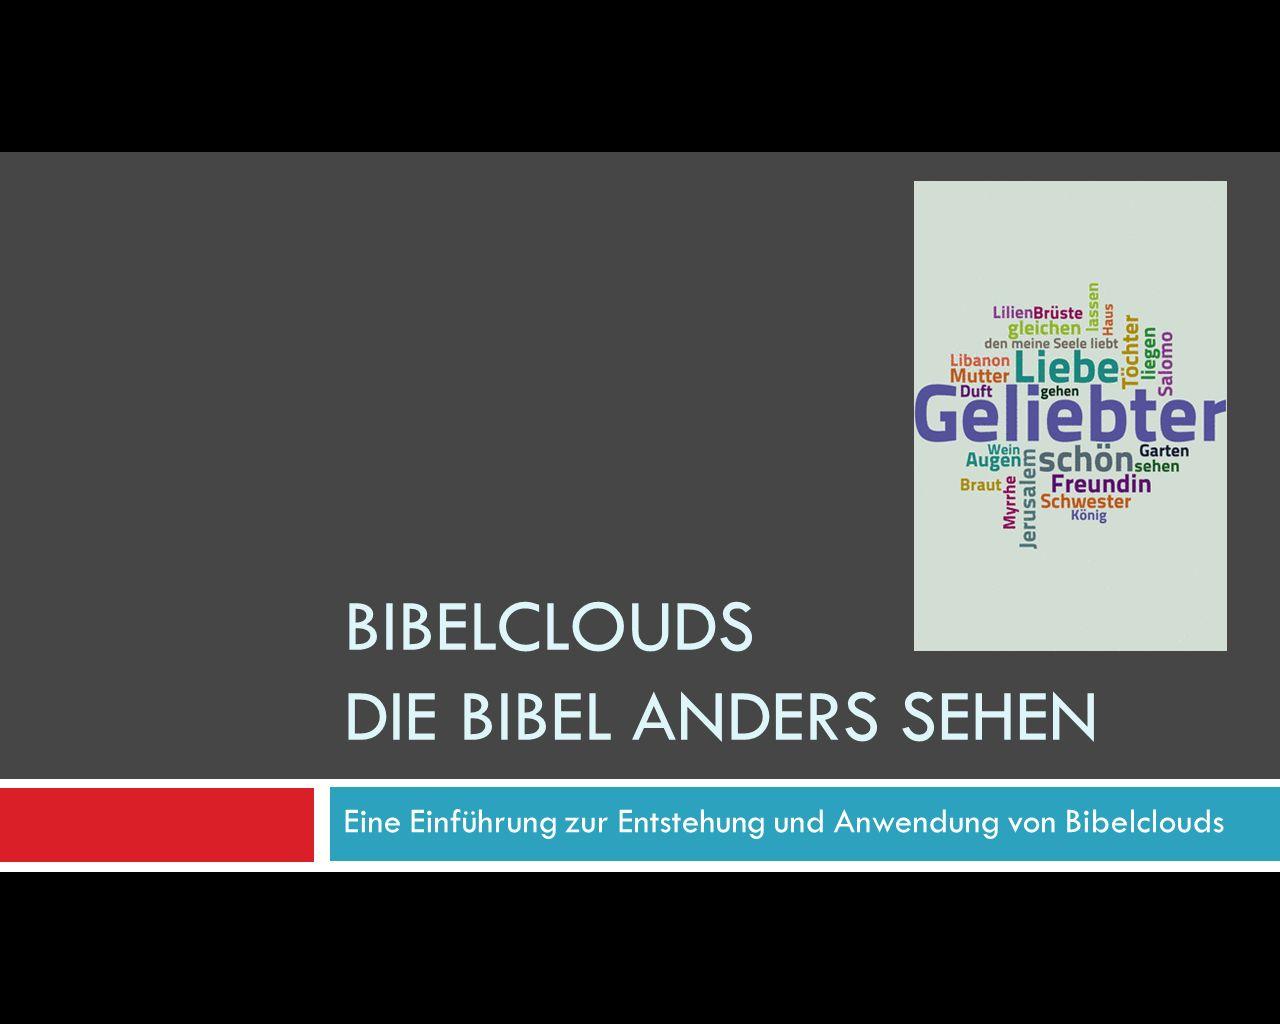 Bibelclouds im Video erklärt